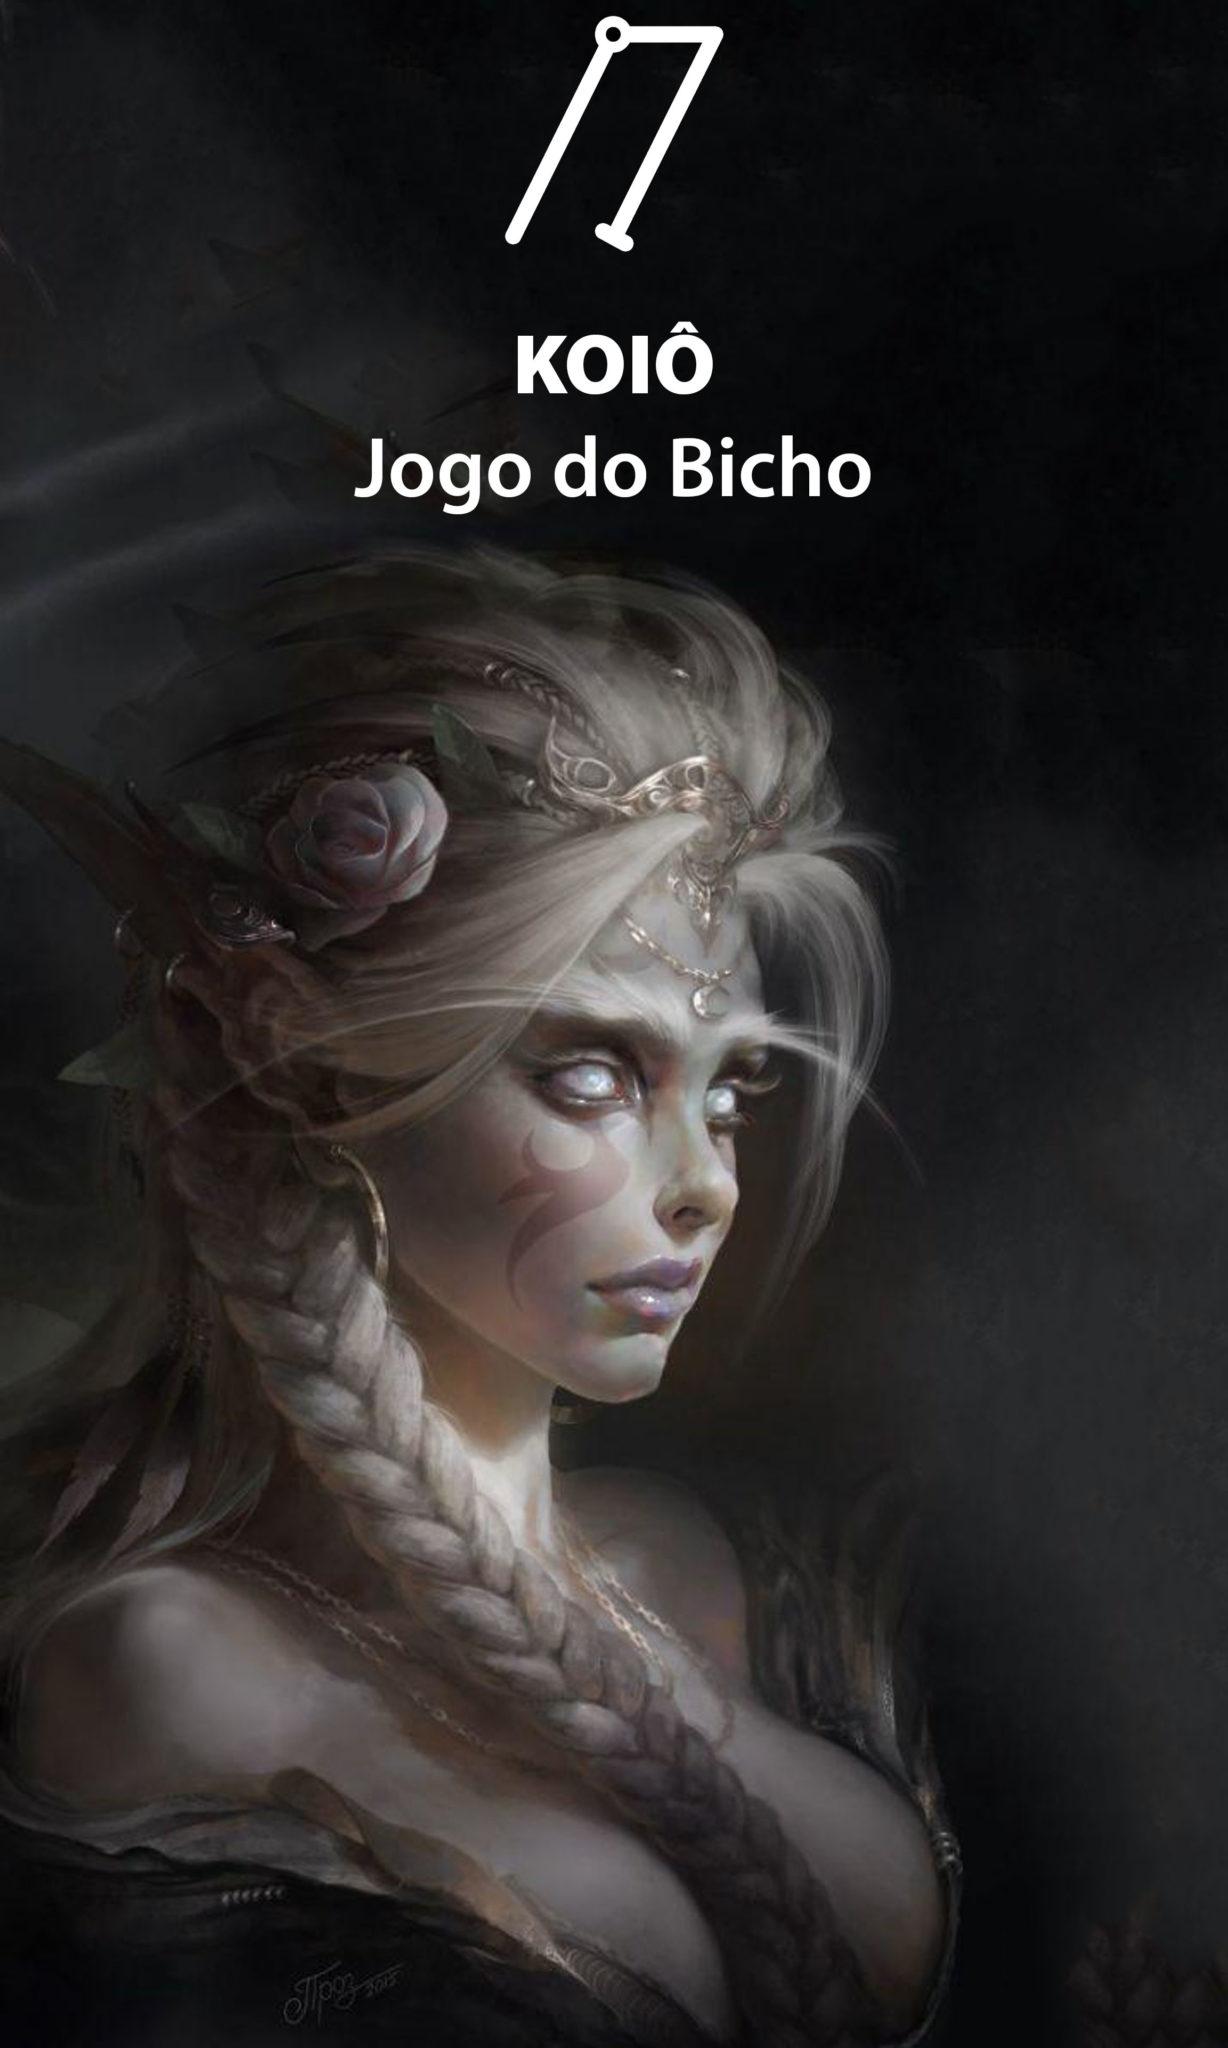 Arte - Koyô - Magia do Caos